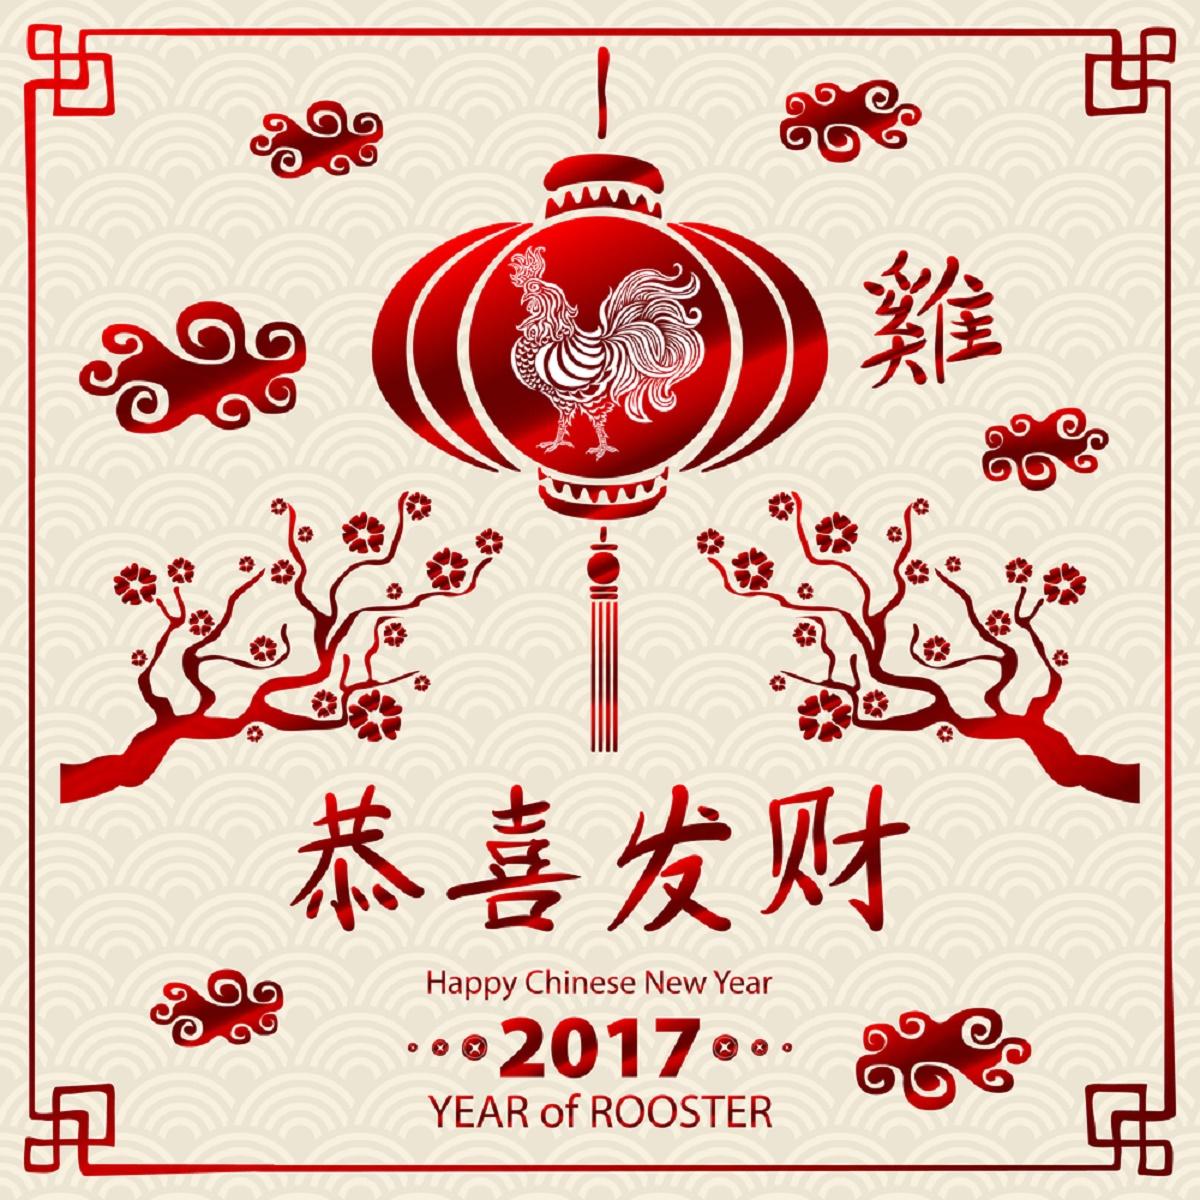 Horoscop chinezesc 2017 - anul Cocoșului de Foc. Horoscop Șobolan, Bivol, Tigru, Șarpe, Dragon, Cal, Oaie, Iepure, Mistreț, Câine, Maimuță